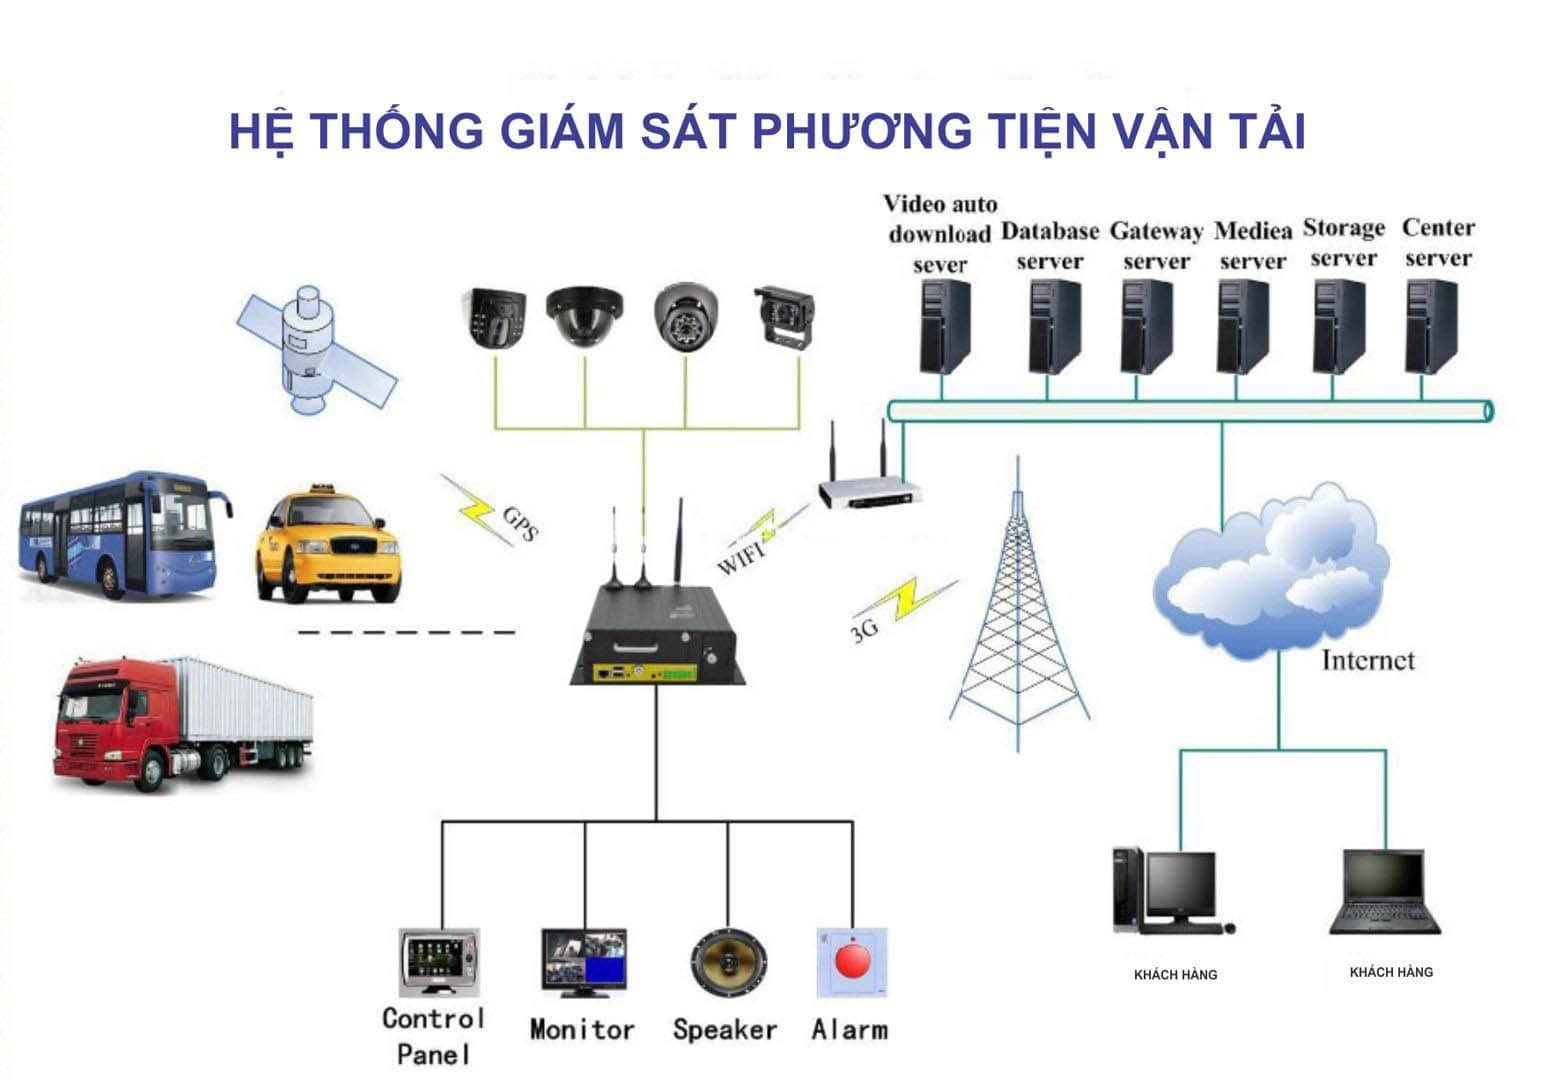 hệ thống giám sát phương tiện vận tải thông minh - hiệu quả - tiết kiệm